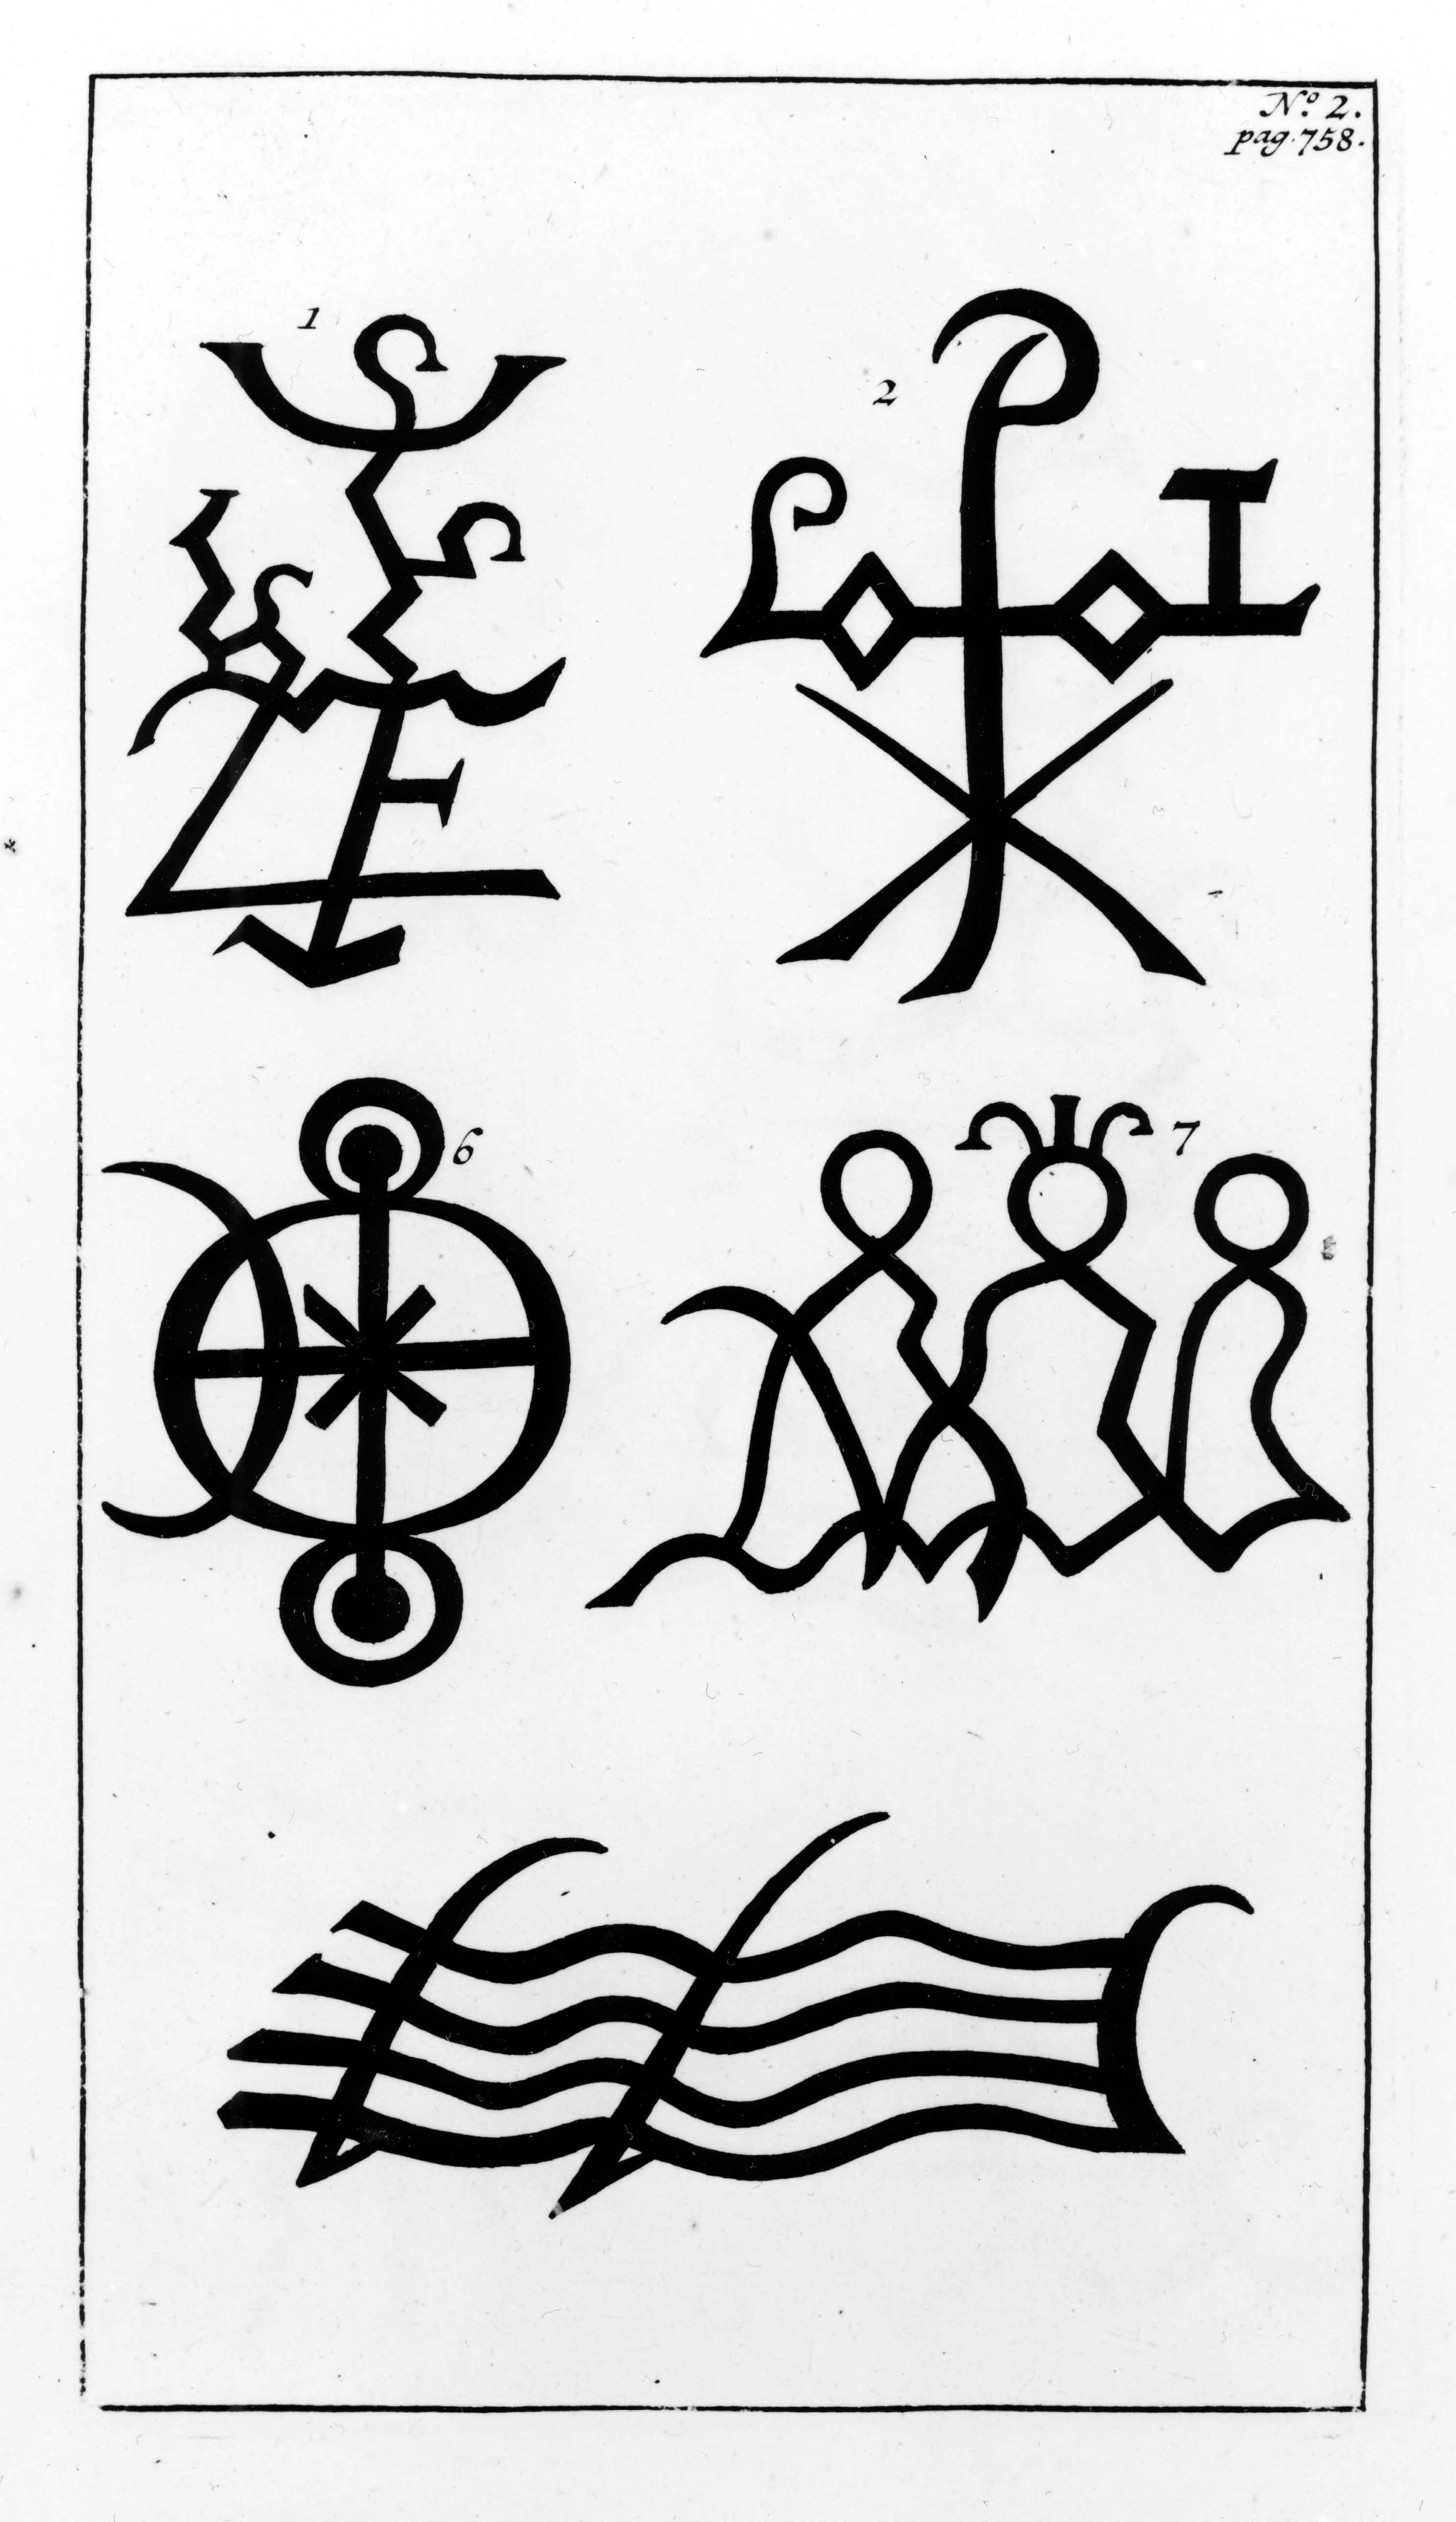 Древние знаки или символы, найденные в Сибири